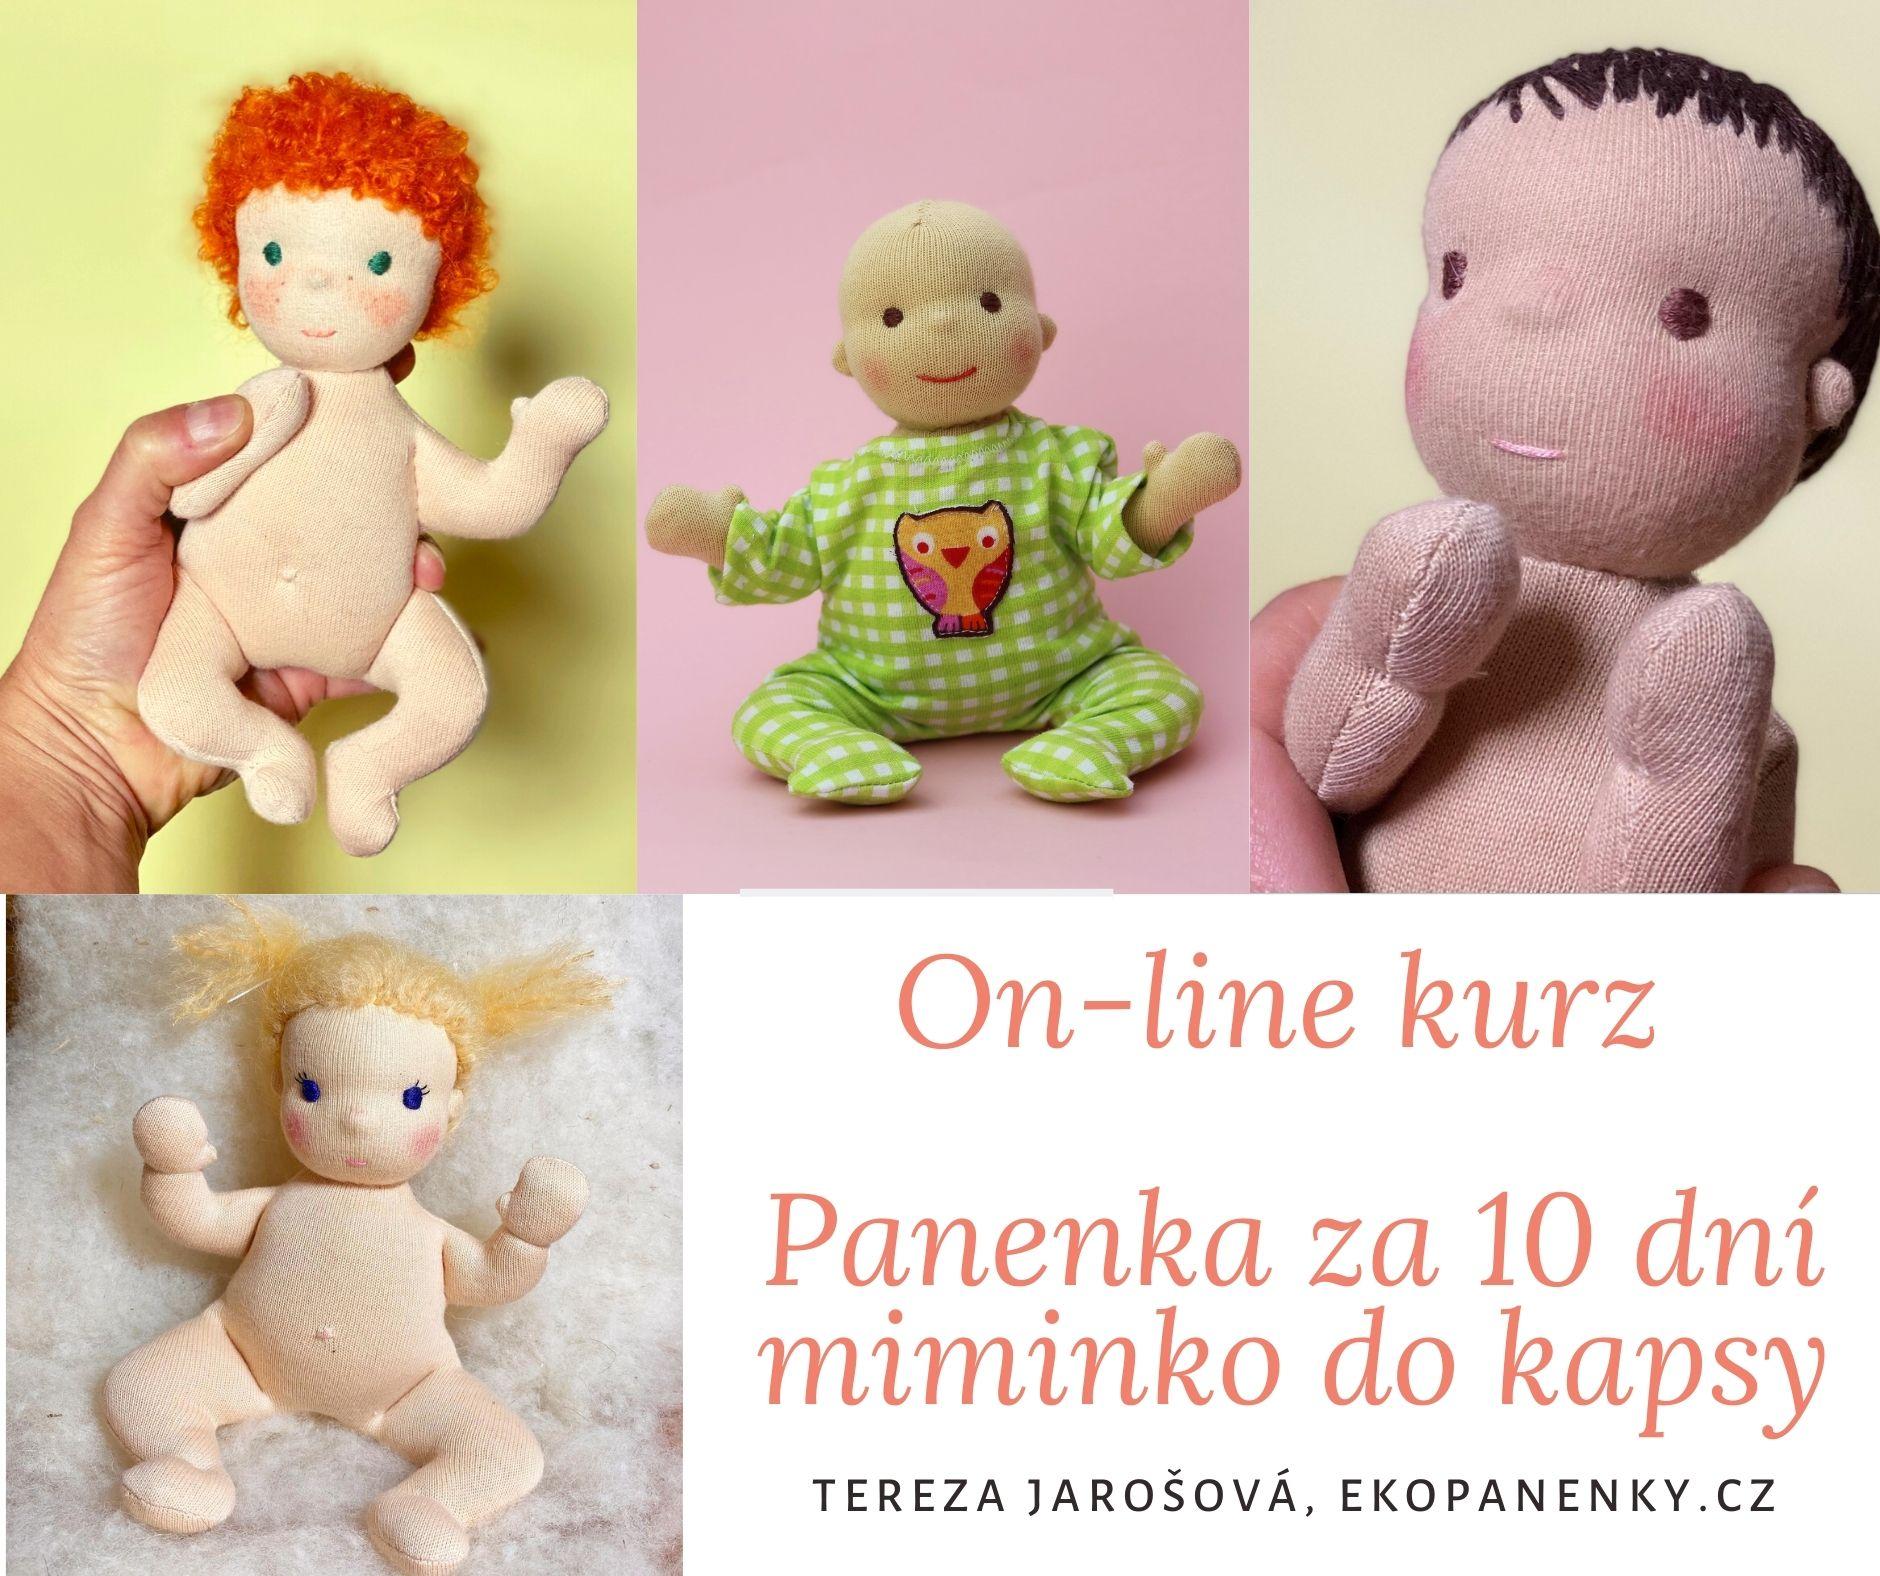 On-line kurz Panenka za 10 dní